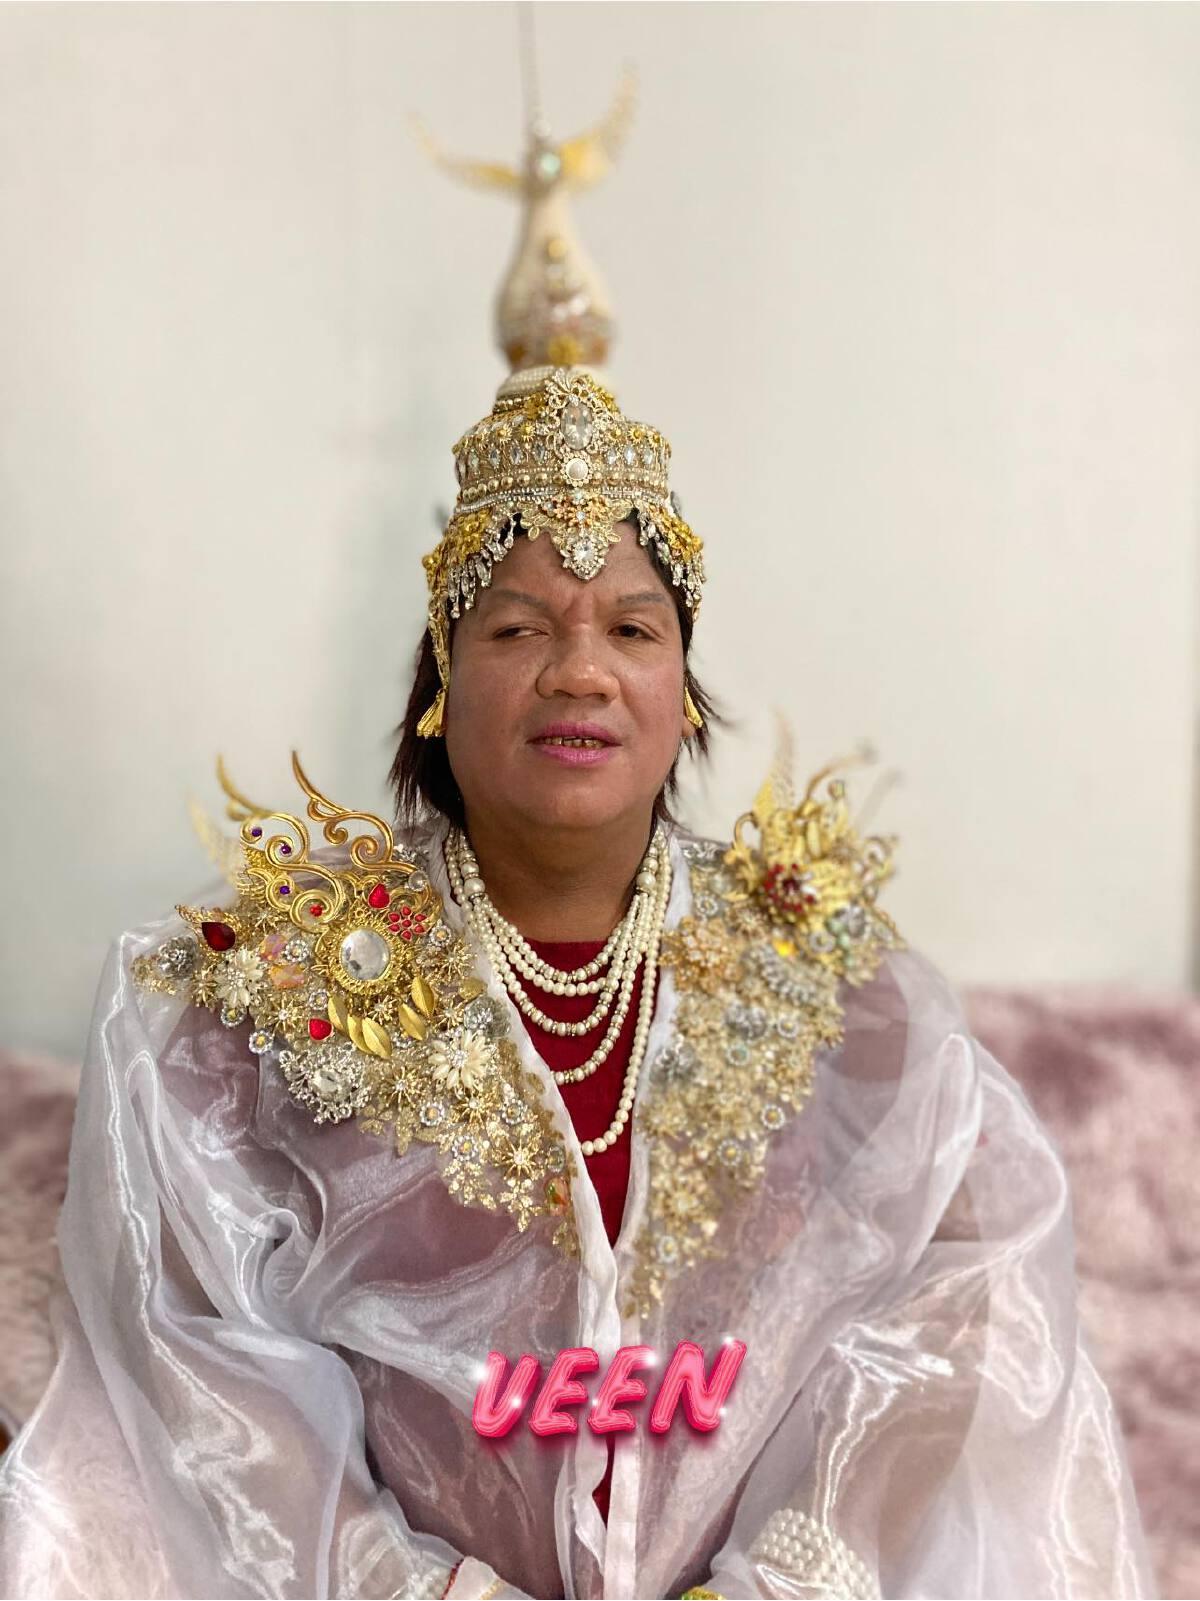 แม่หญิงลี พระมหาเทวีเจ้าแห่งแห่งเมืองทิพย์ ประกาศแต่งงานฟ้าผ่า